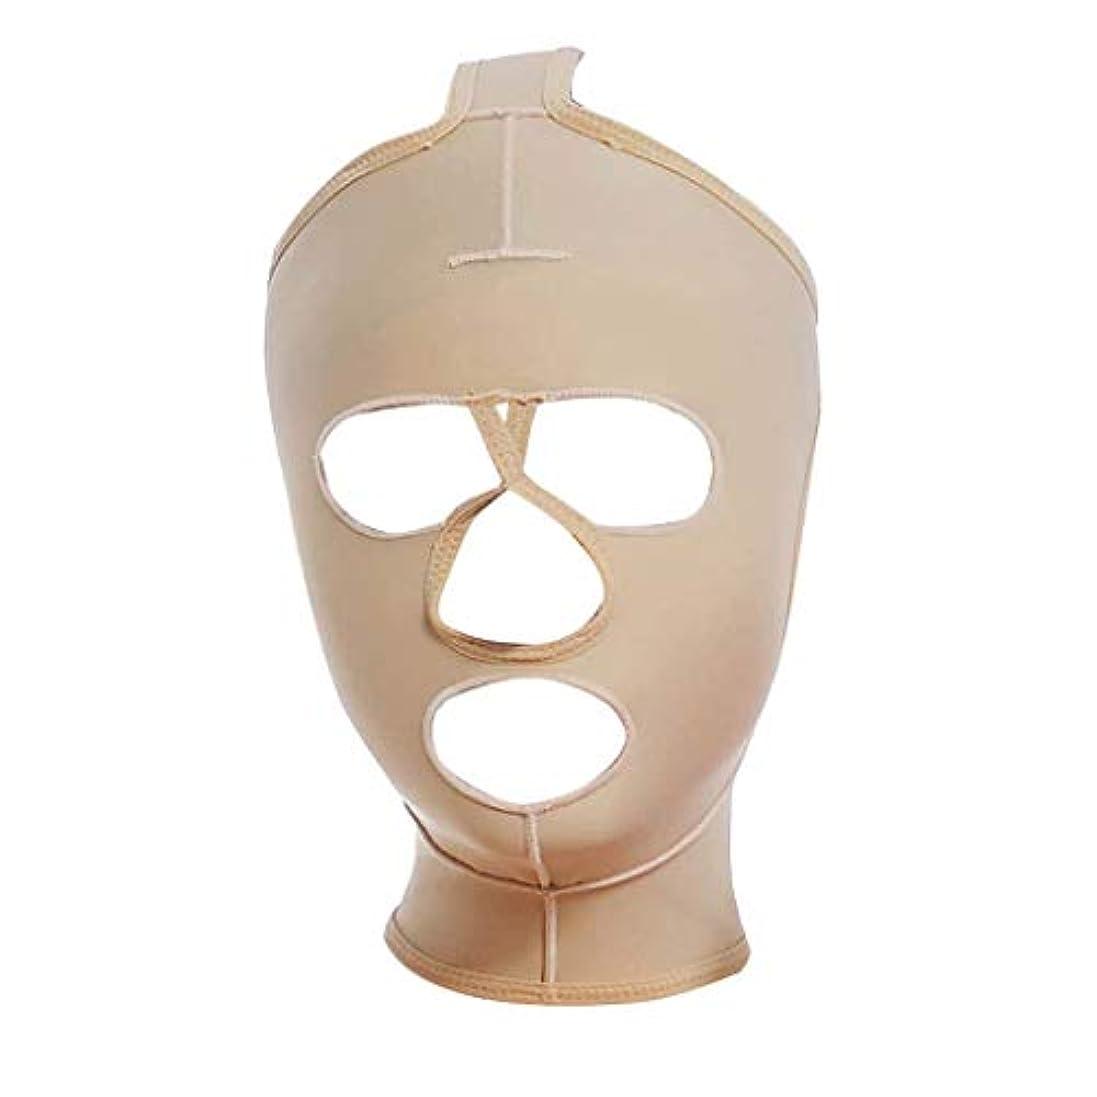 細分化するはげ雪フェイス&ネックリフト、減量フェイスマスク脂肪吸引術脂肪吸引術整形マスクフードフェイスリフティングアーティファクトVフェイスビームフェイス弾性スリーブ(サイズ:XXL),XS